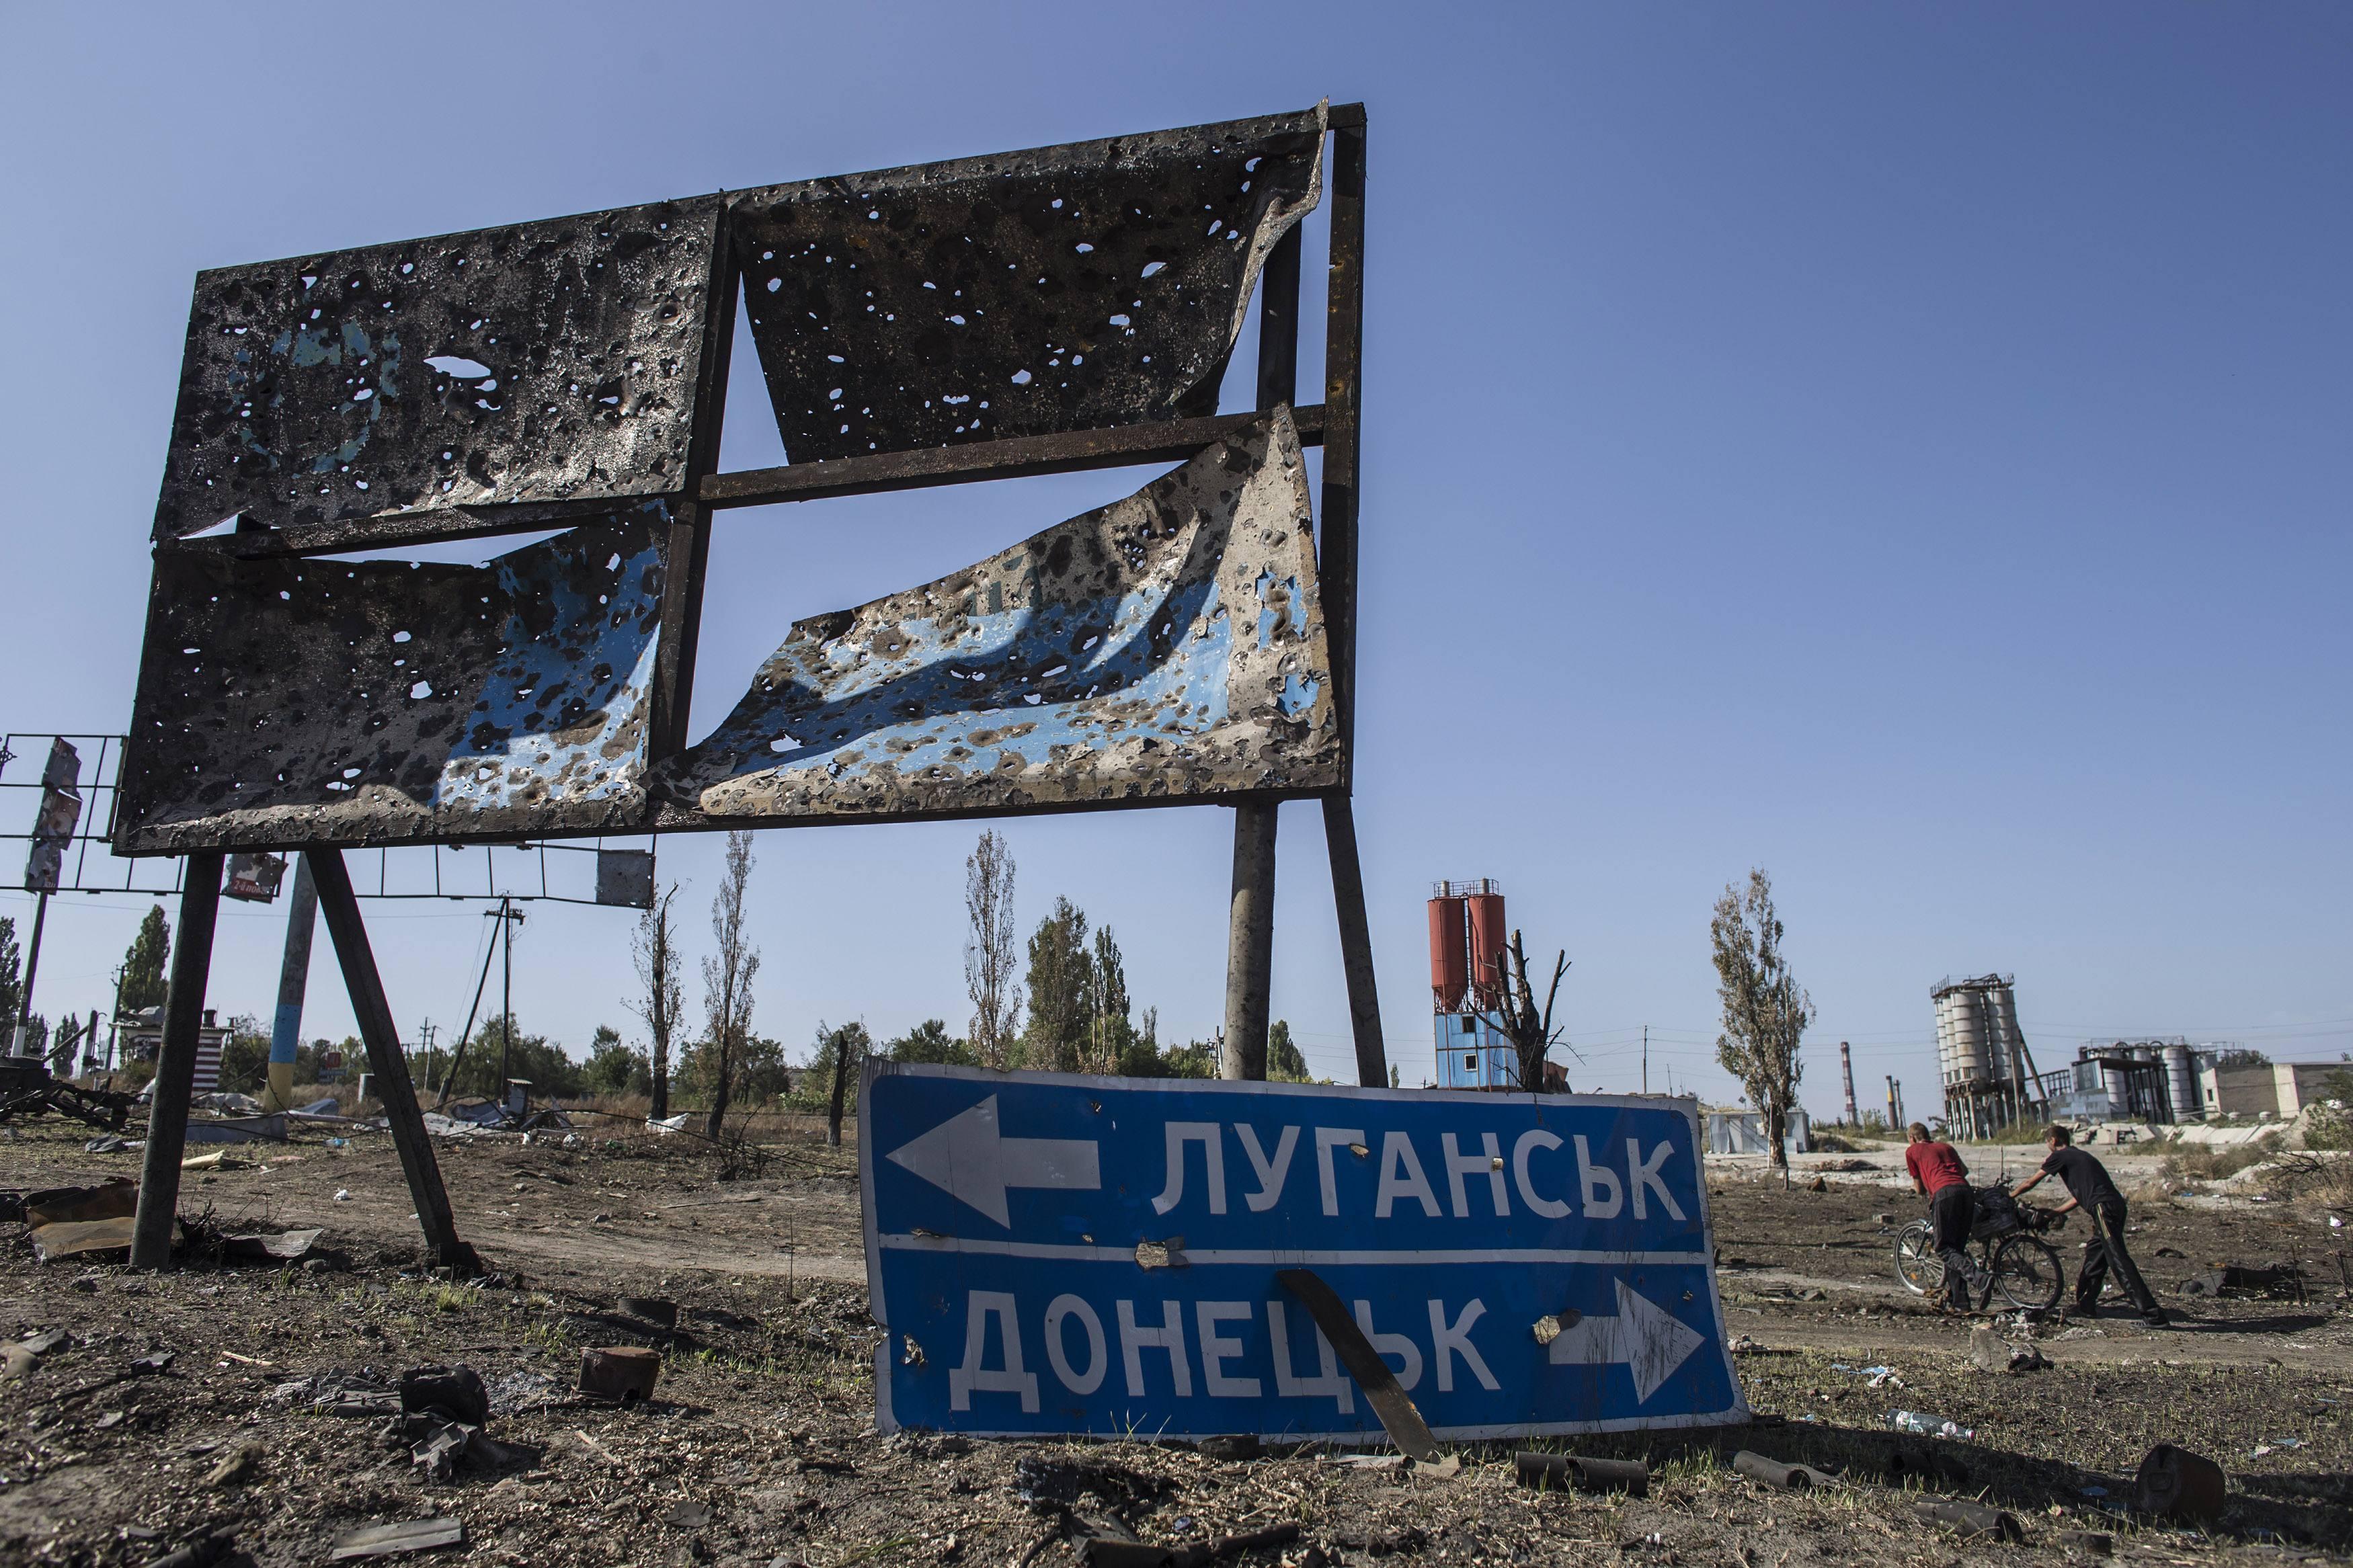 После решения ПАСЕ по Донбассу с Украины снимается ответственность за все преступления, совершенные на захваченной территории, подчеркнул нардеп